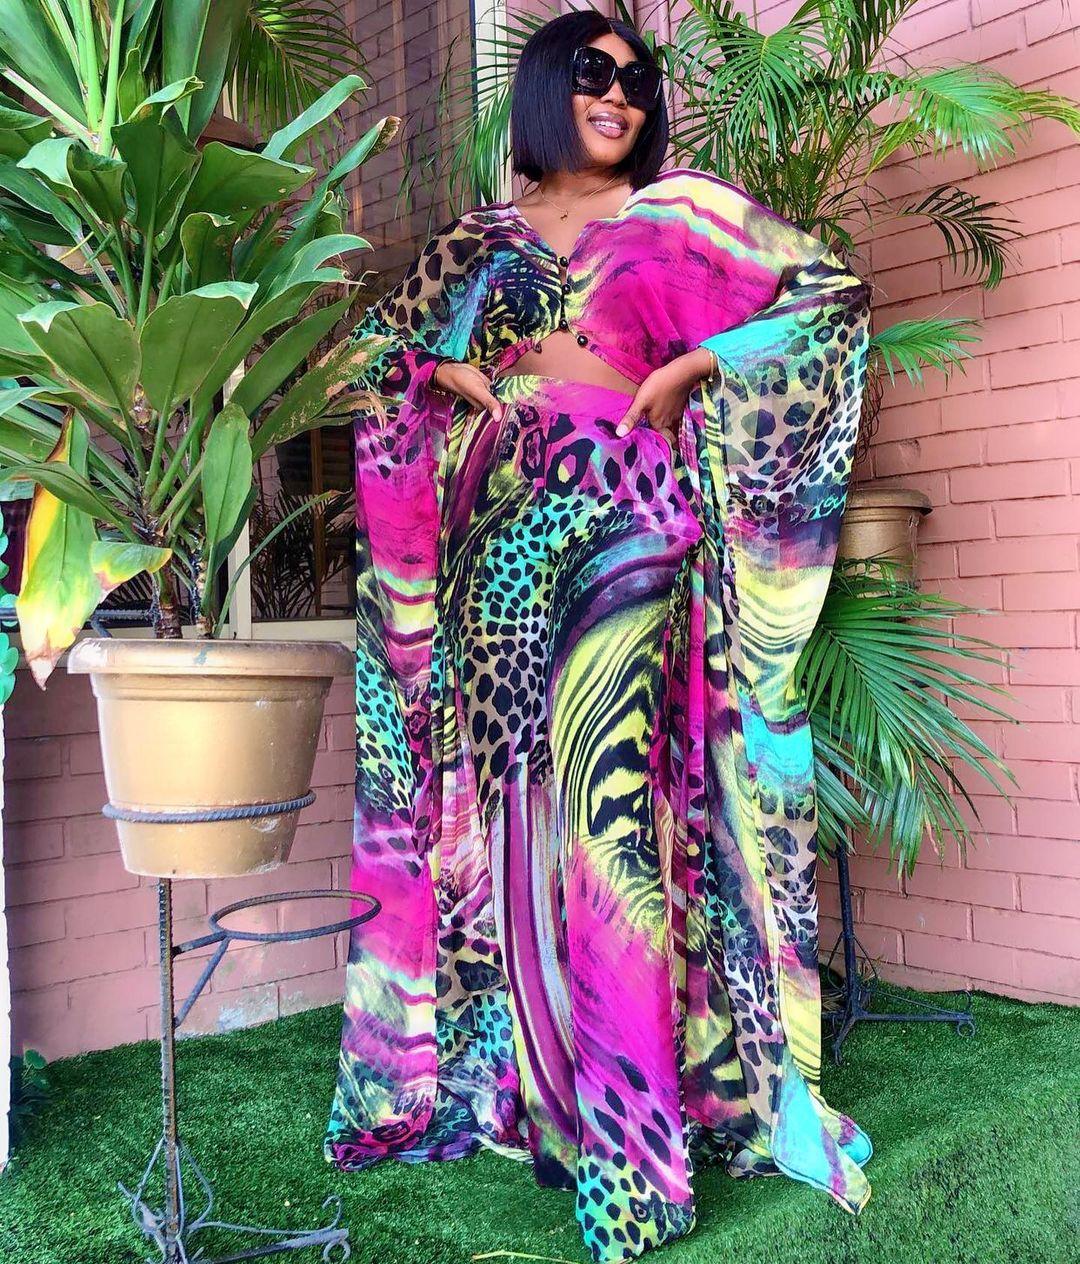 2021 قمة الموضة 2 قطعة مجموعة فساتين الأفريقية للنساء قطعتين مجموعات الشيفون طباعة طويلة Abaya فضفاض فستان أطفال مع سروال داخلي دعوى Vestidos